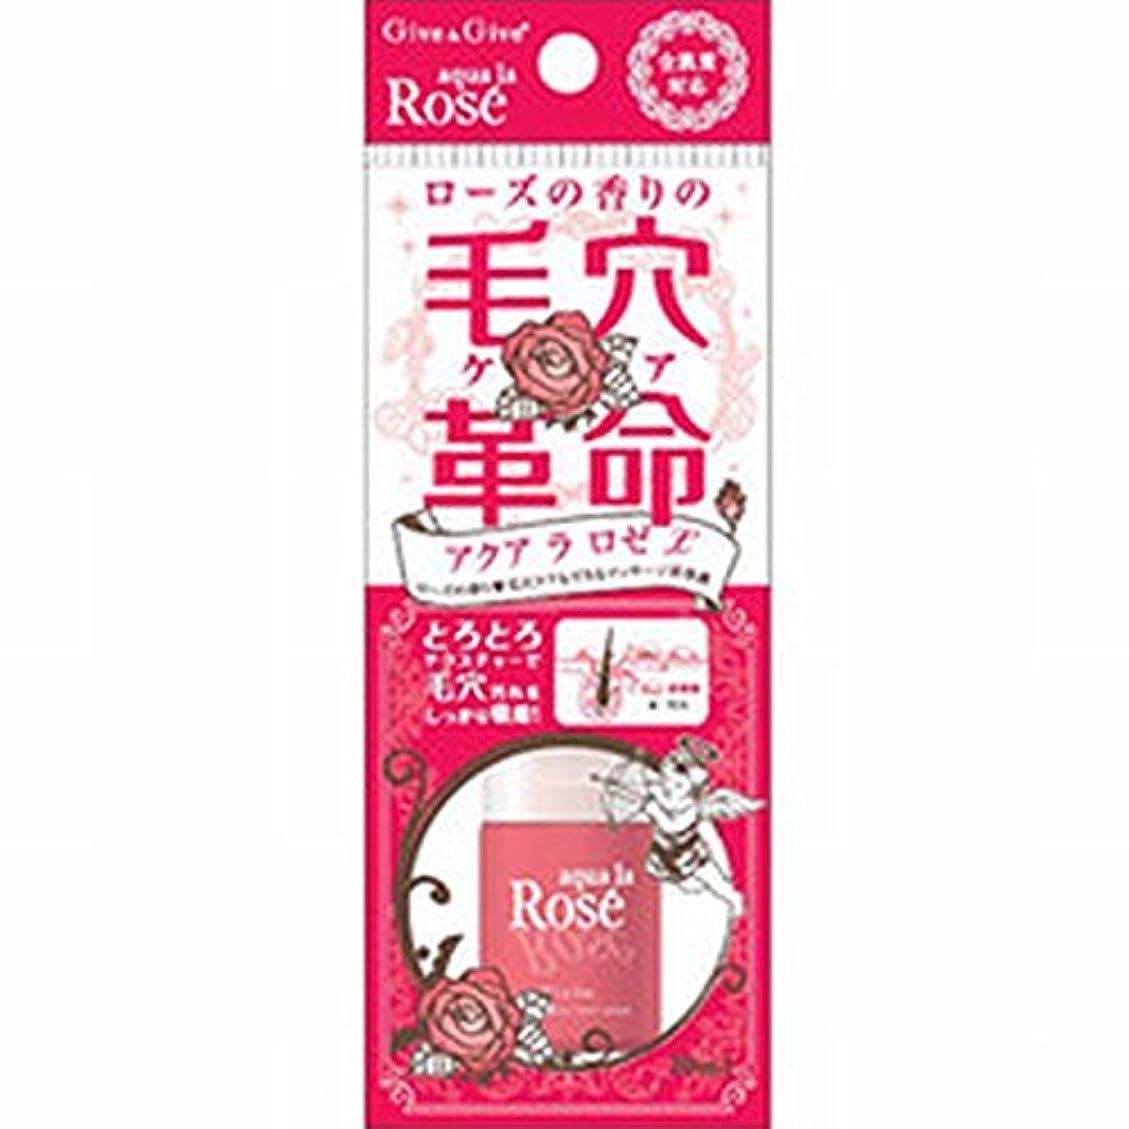 現実には困惑するアベニュー毛穴革命 アクア ラ ロゼ L (お試しサイズ) ローズの香り 10ml